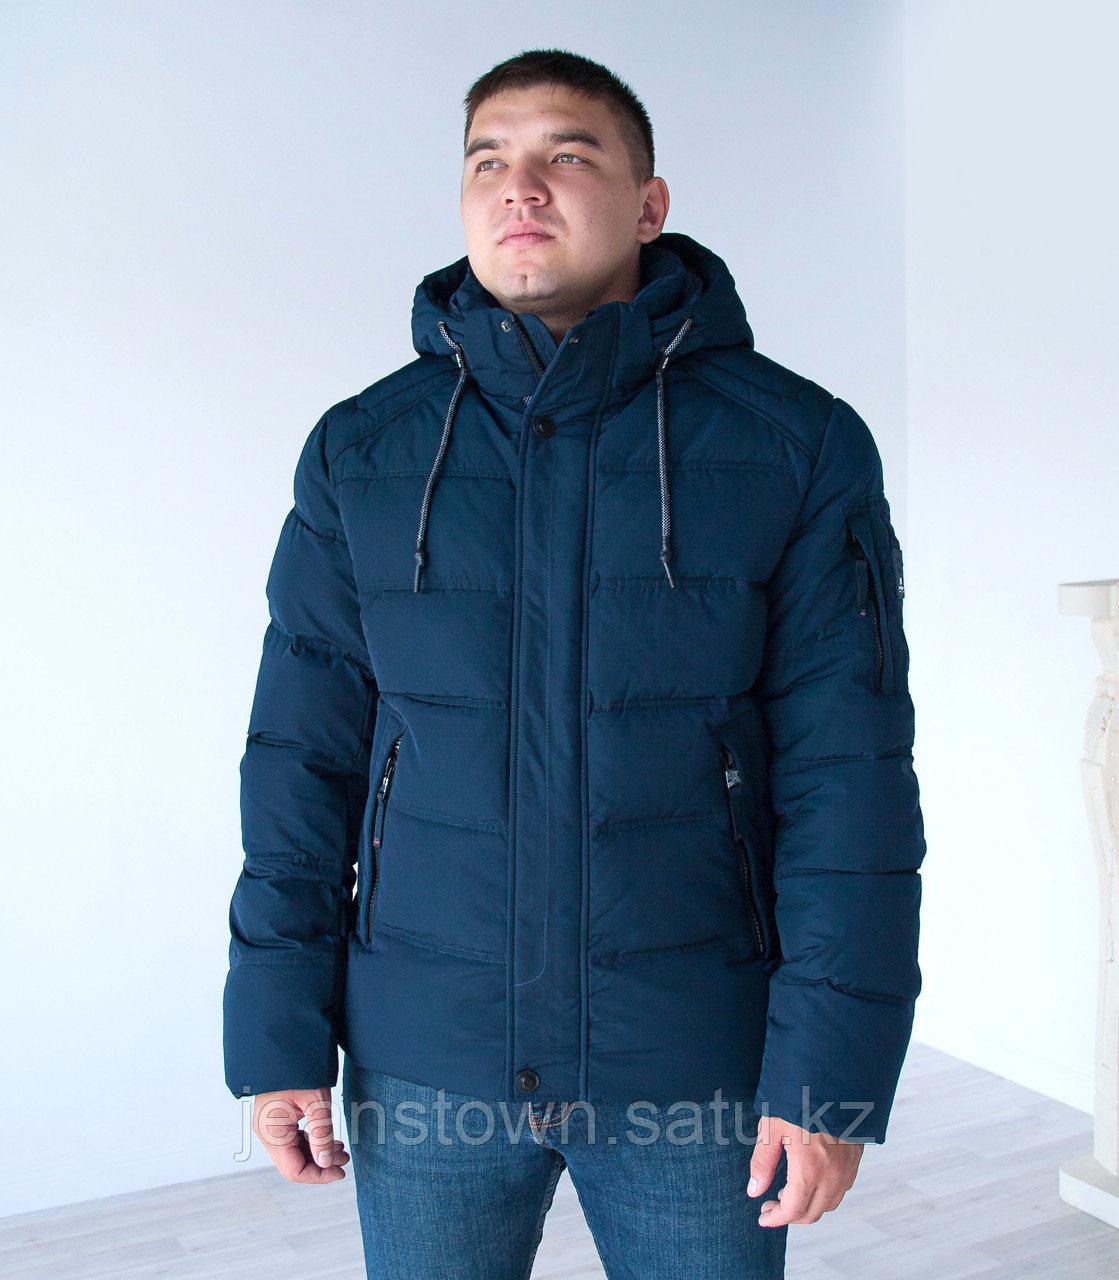 Куртка мужская зимняя  KINGS WIND   короткая  синяя